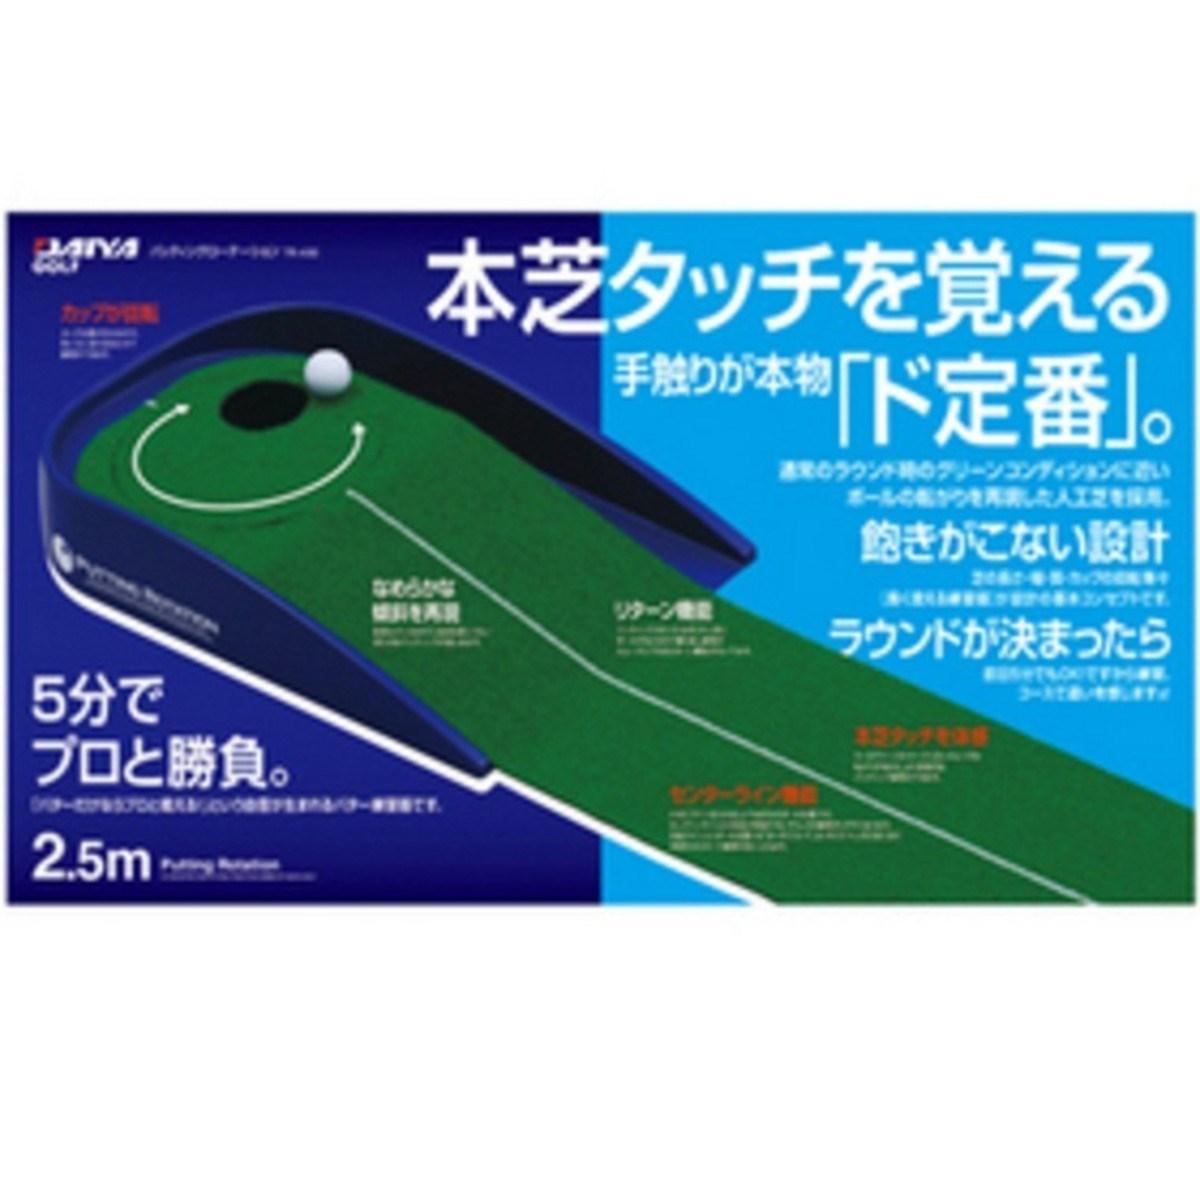 ダイヤゴルフ パッティングローテーション TR-430